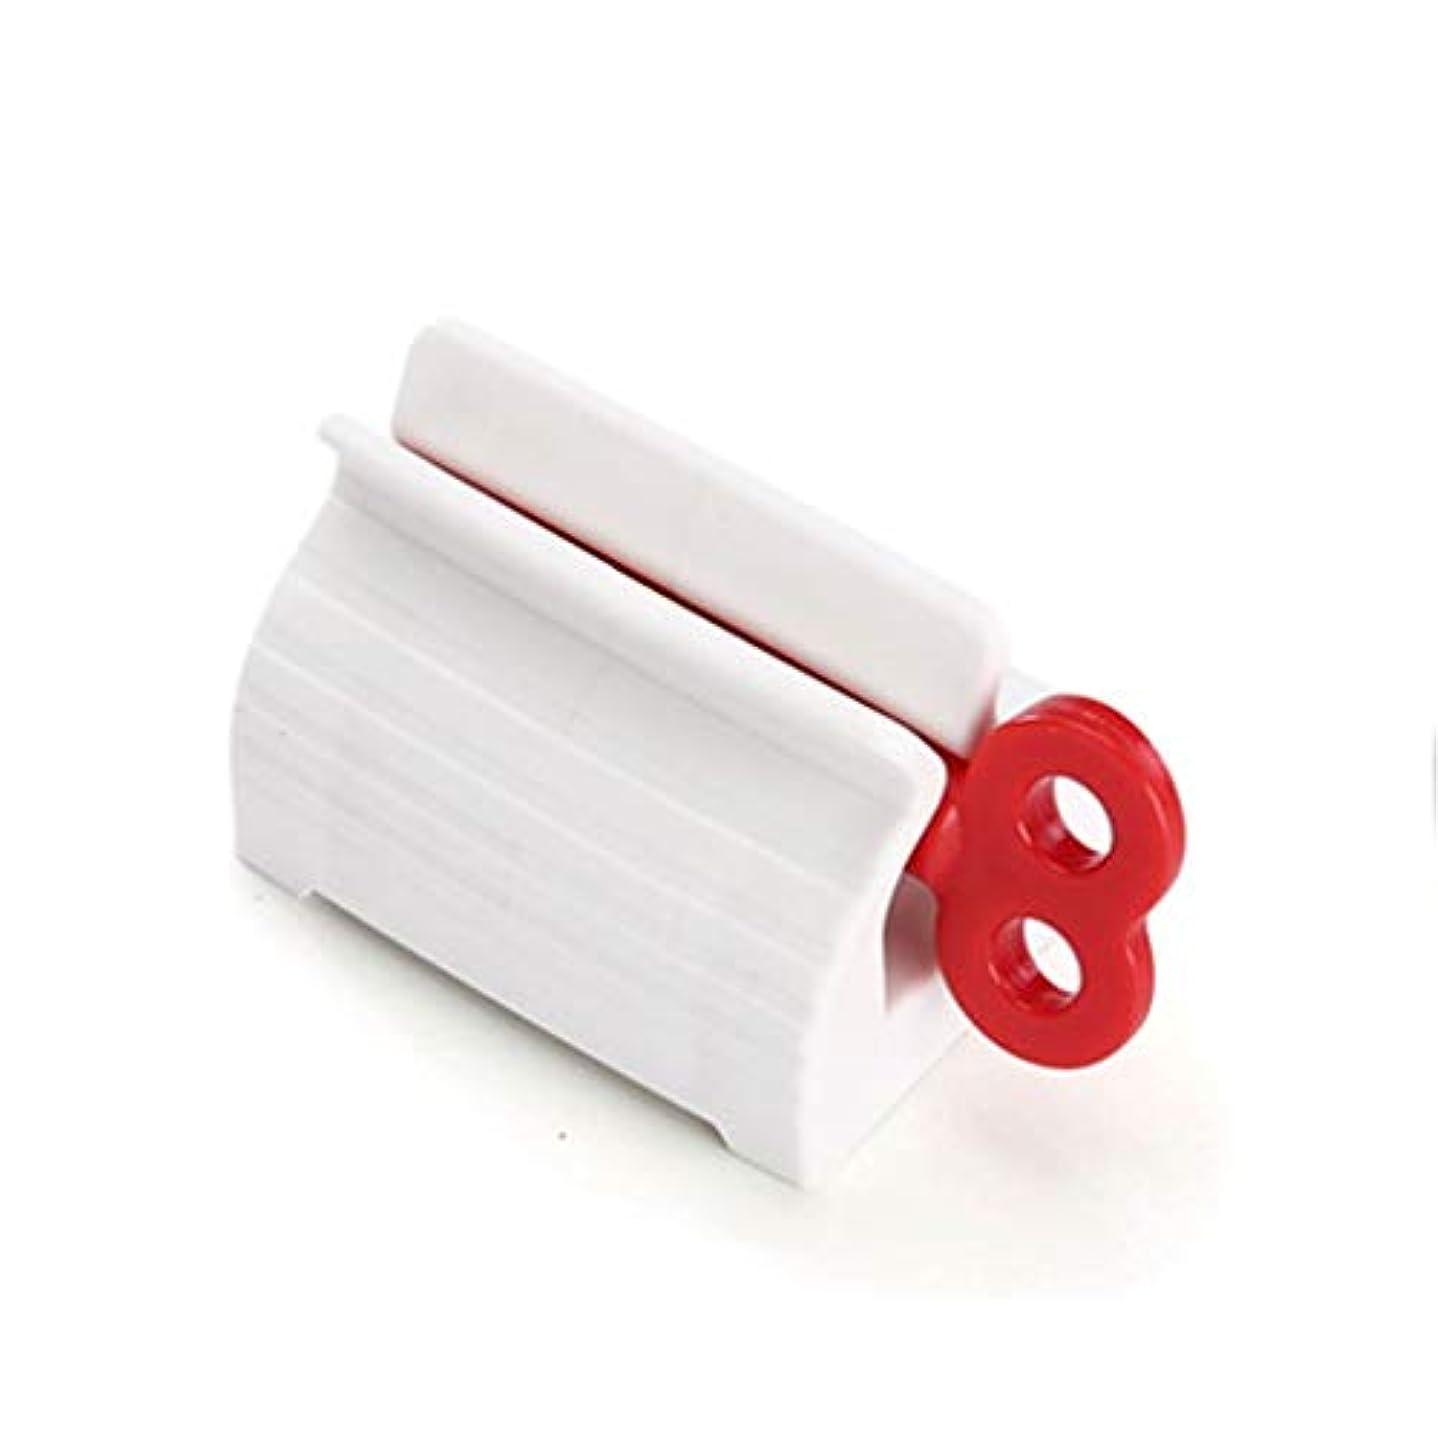 ブリーフケース素敵な改修するuzinbyチューブ絞り器 軟膏押出器 ハンドクリーム 歯磨き粉チューブスクイーザー